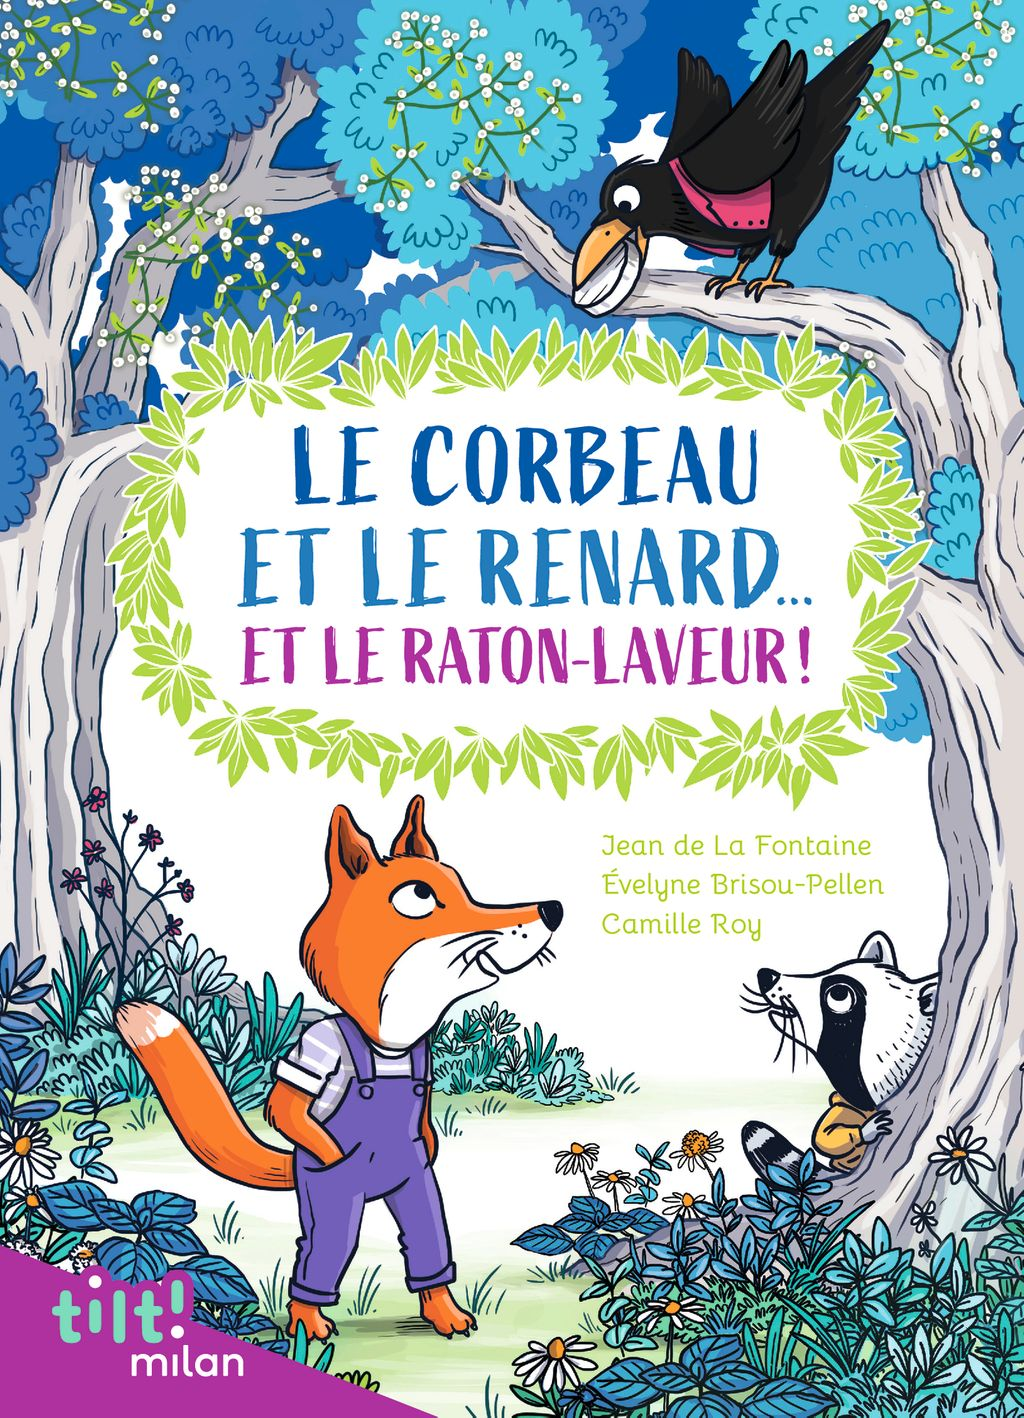 Couverture de «Le corbeau et le renard… et le raton laveur! (Et autres fables d'après La Fontaine)»